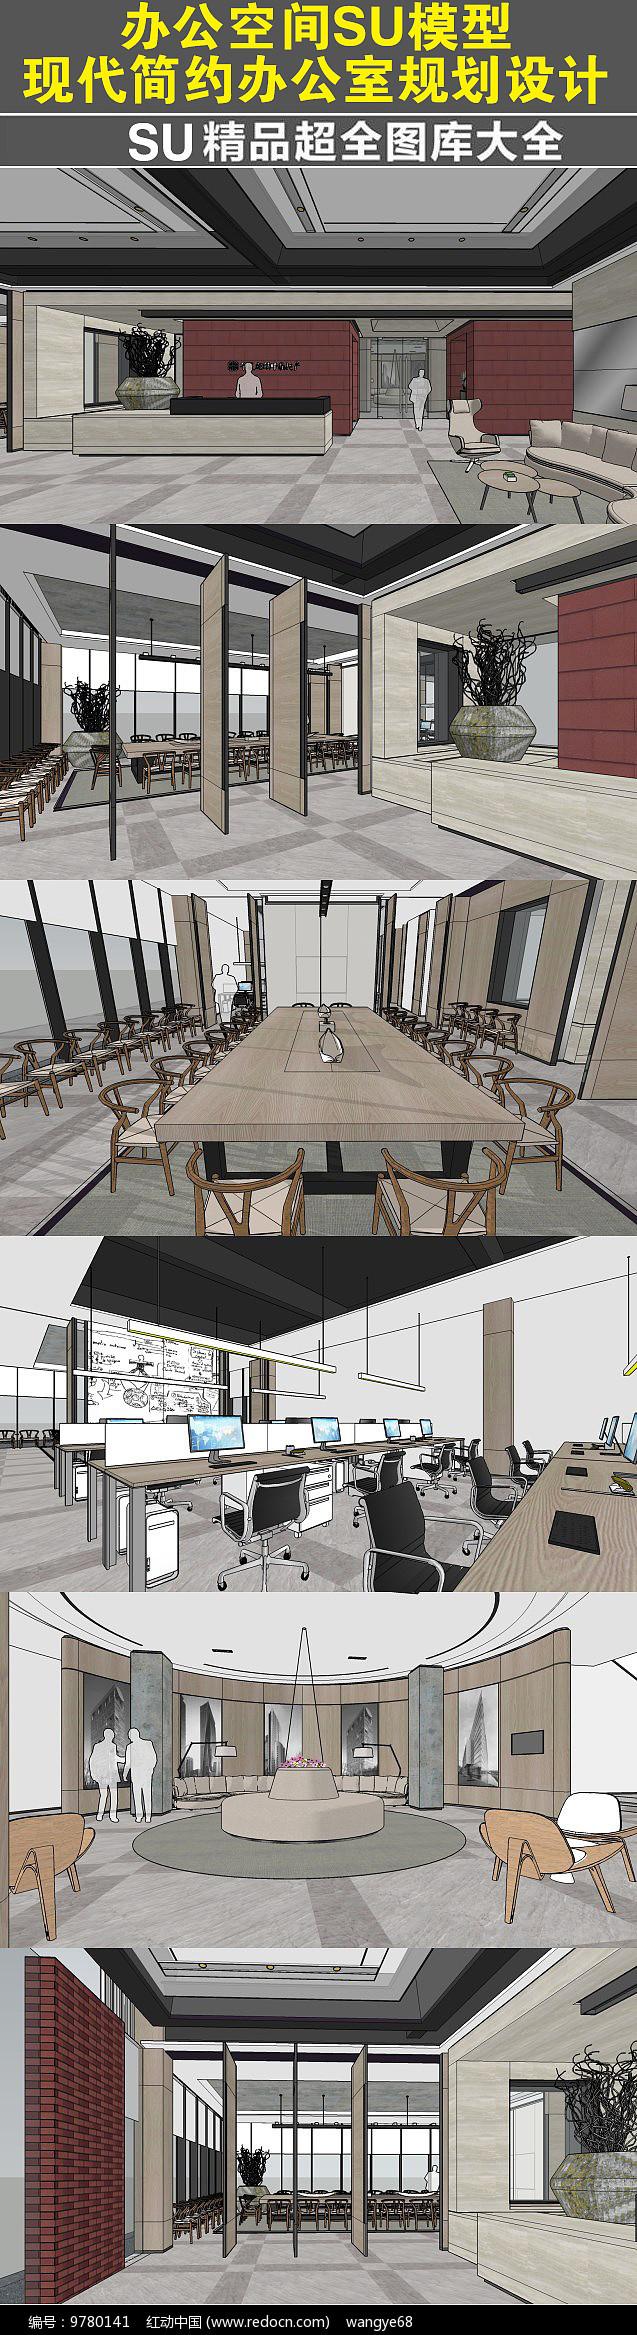 办公空间现代简约办公室SU图片